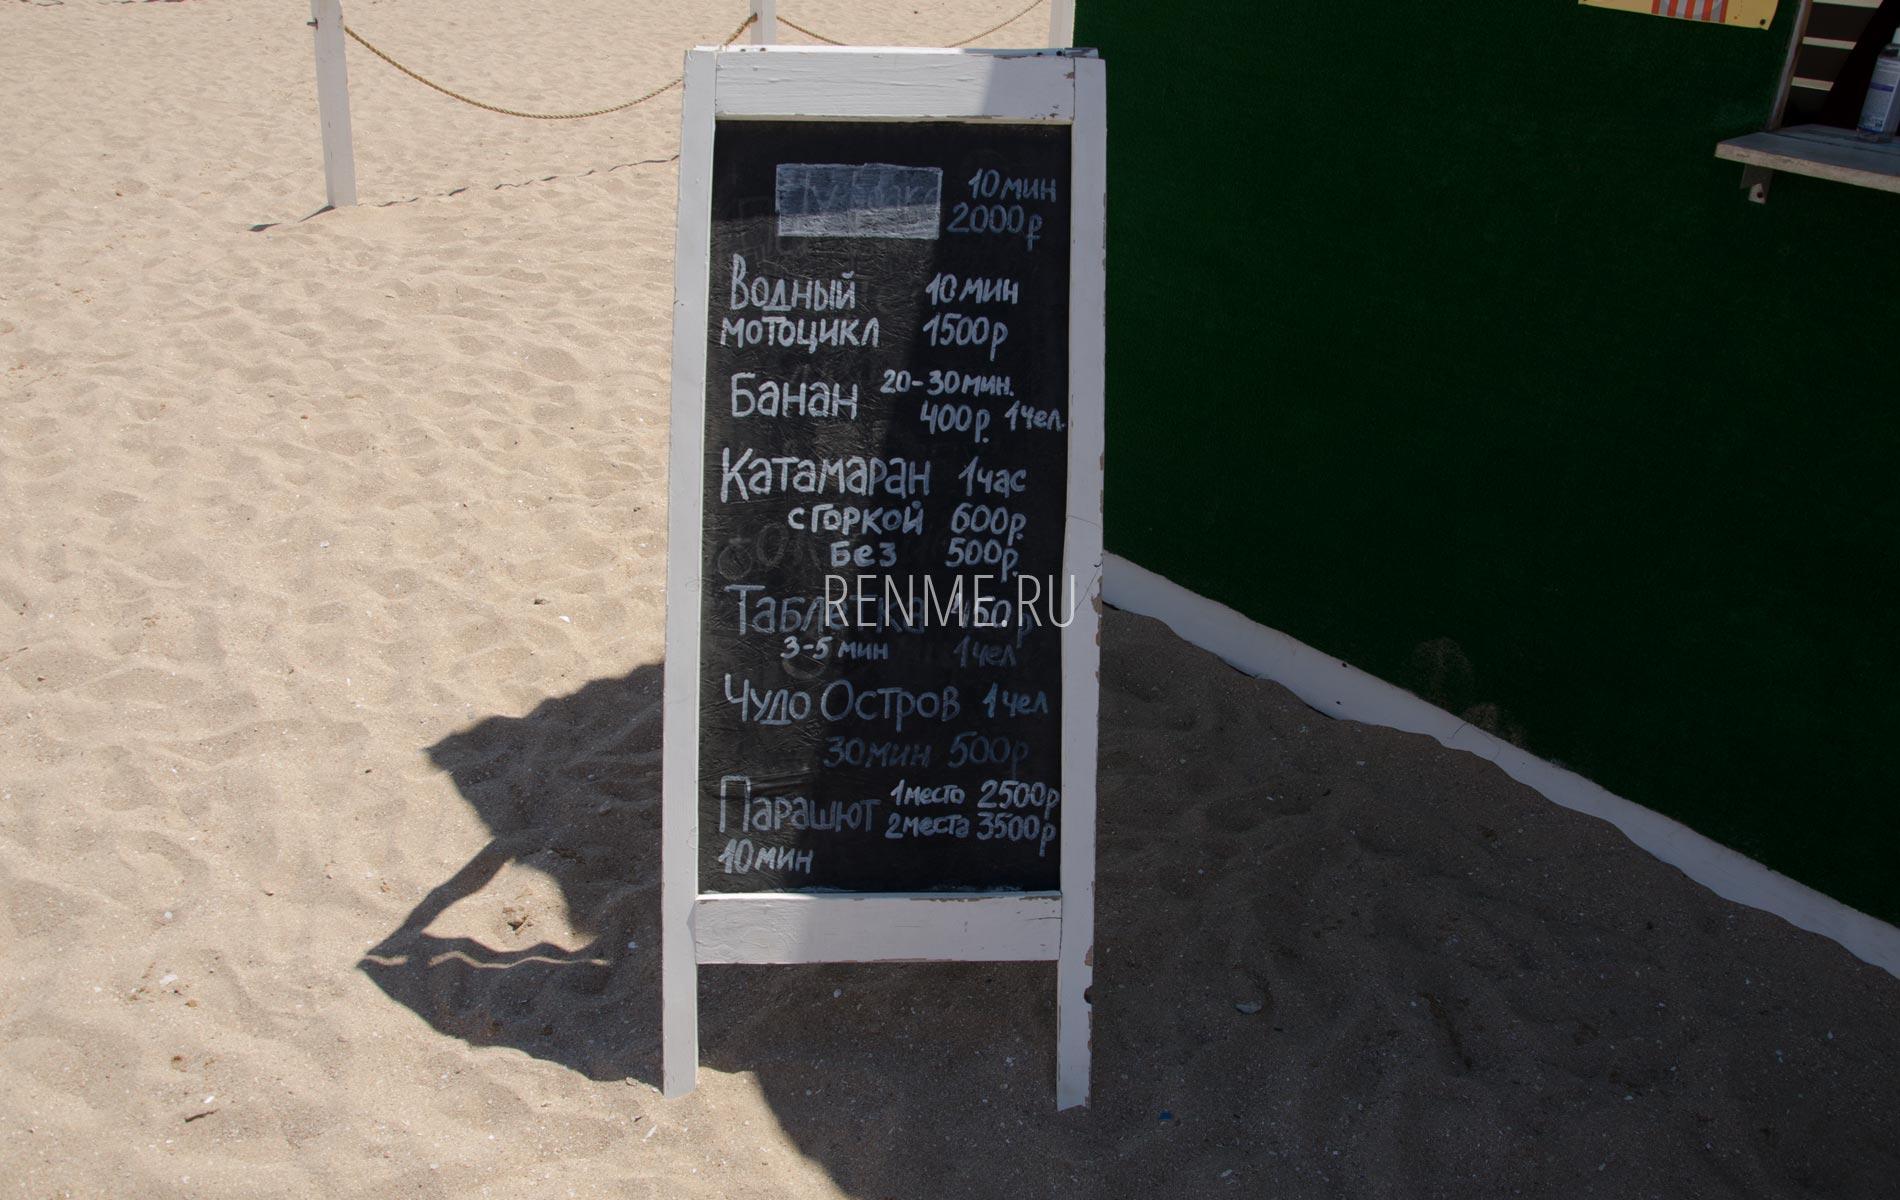 Цены на развлечения на пляже в Крыму. Фото Заозёрного